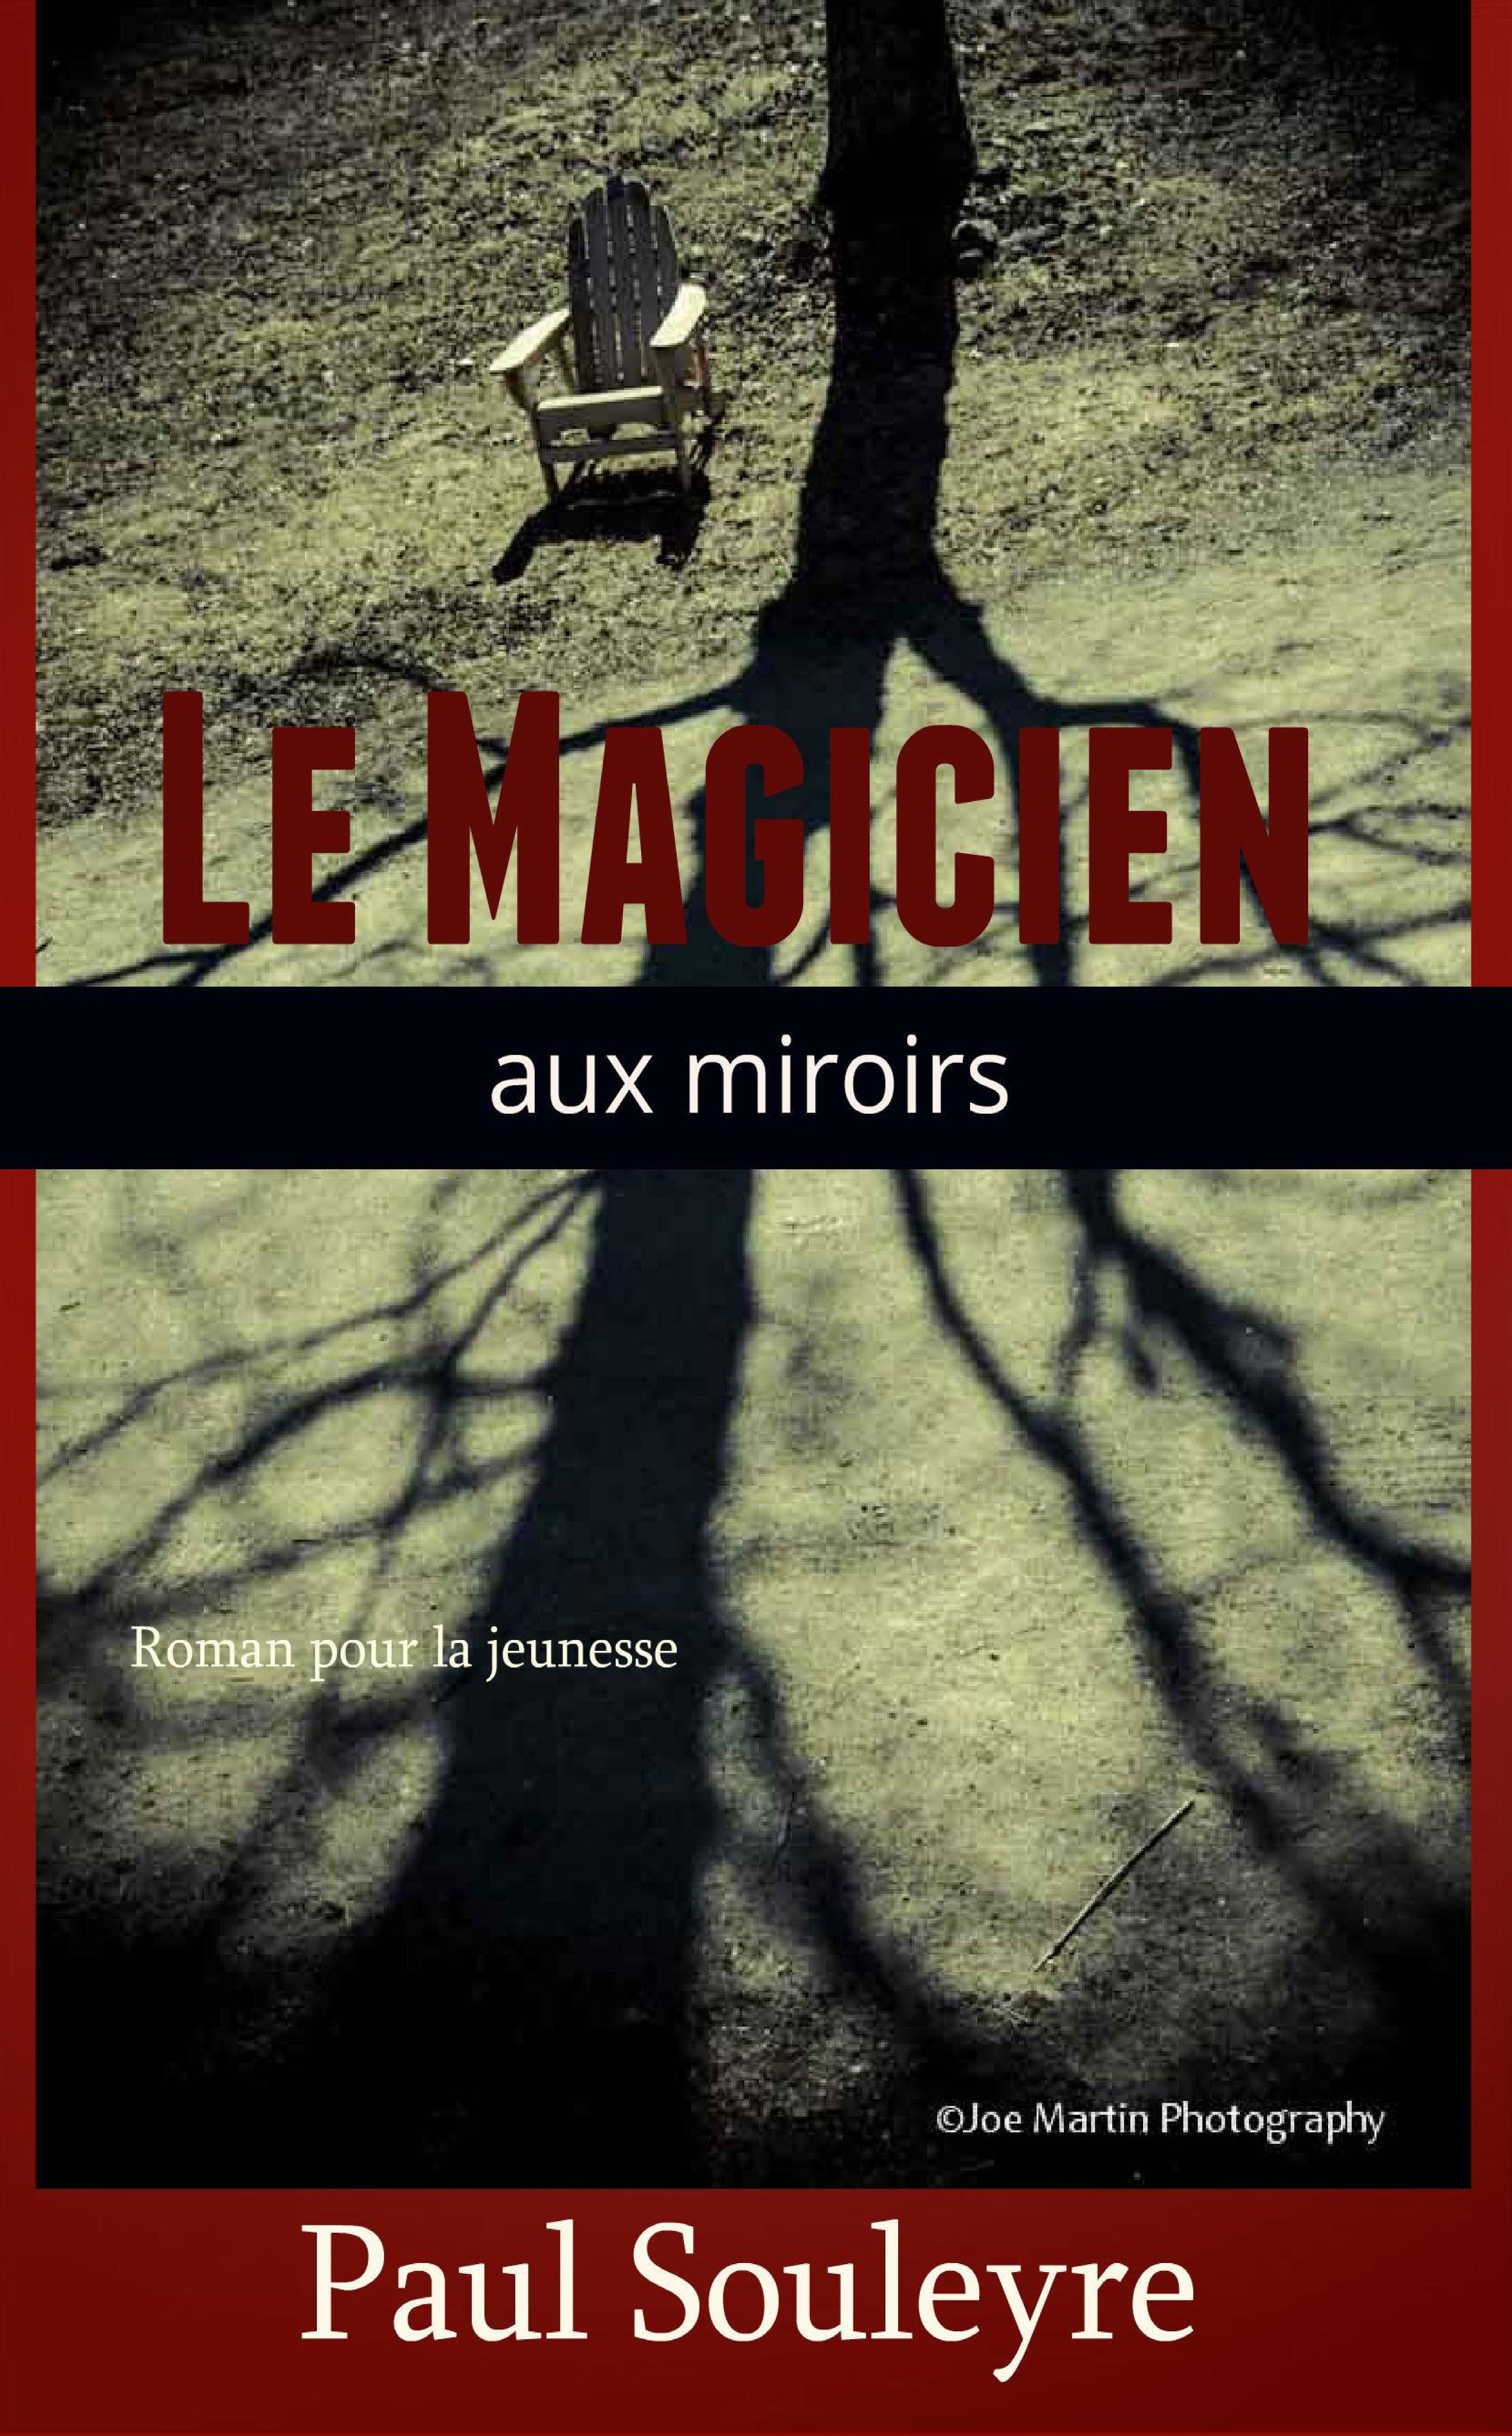 Le Magicien aux miroirs  by  Paul Souleyre